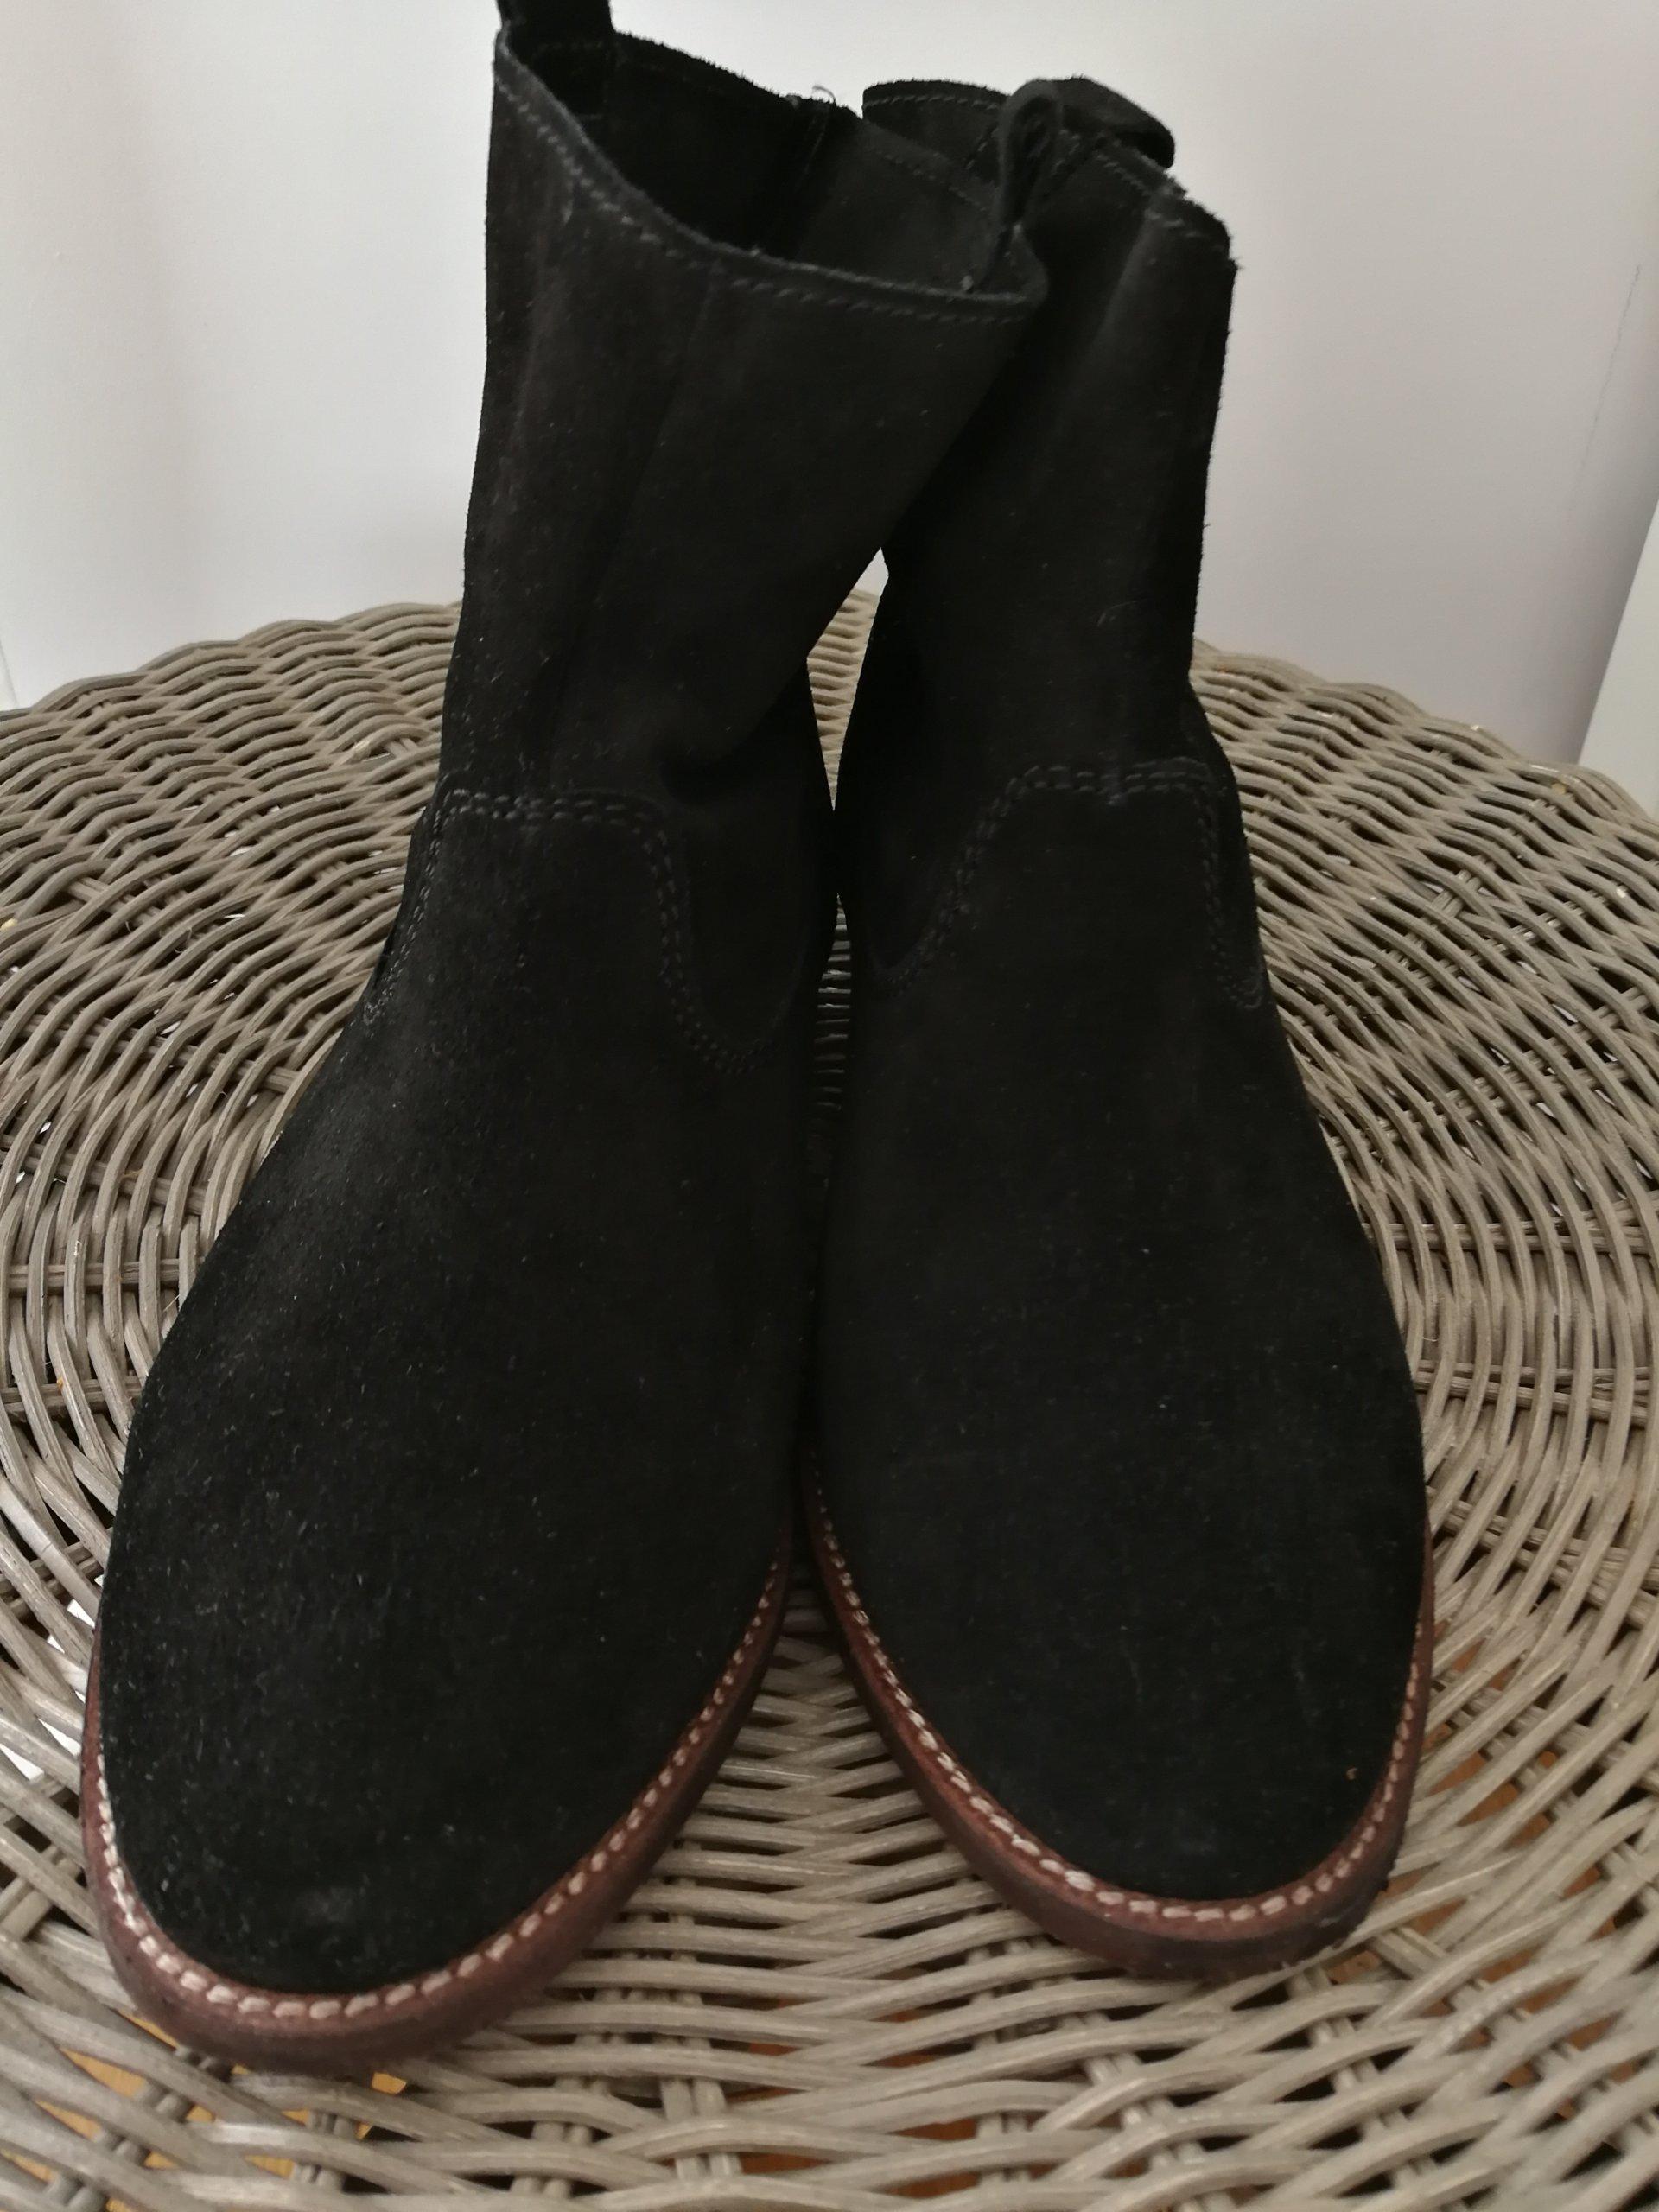 7d3bba34ad5c5 Nowe botki H&M premium, czarne, zamszowe 38 - 7146662317 - oficjalne ...